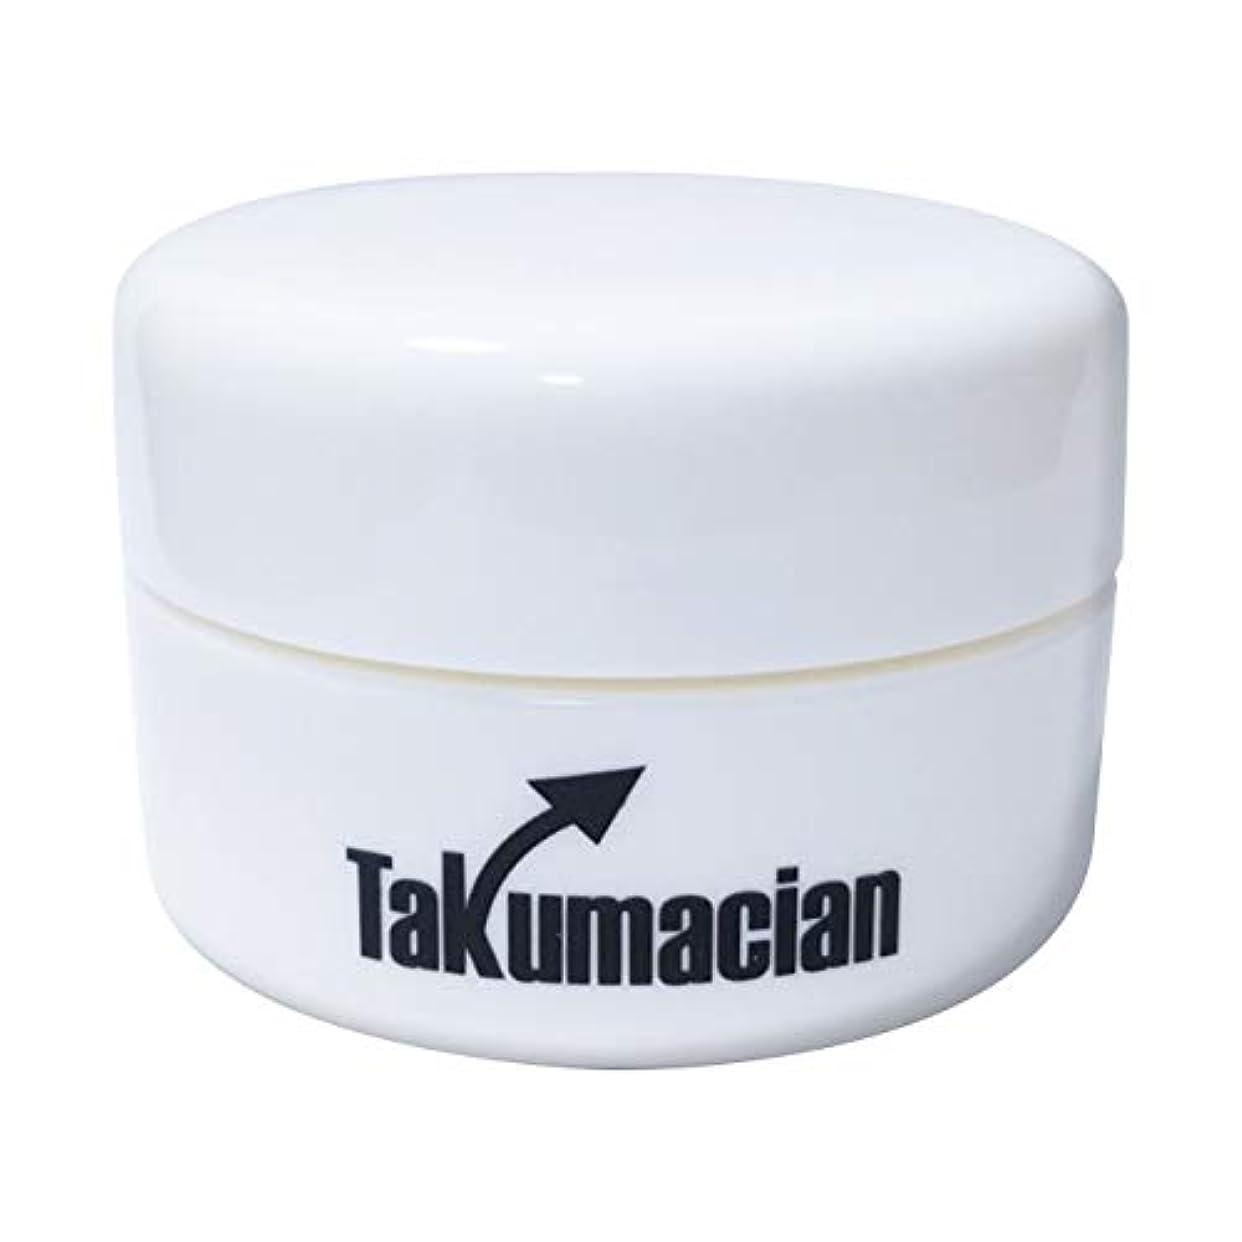 印刷するアルコールまあTakumacian タクマシアン ボディ用クリーム 男性用 長持ち 自信